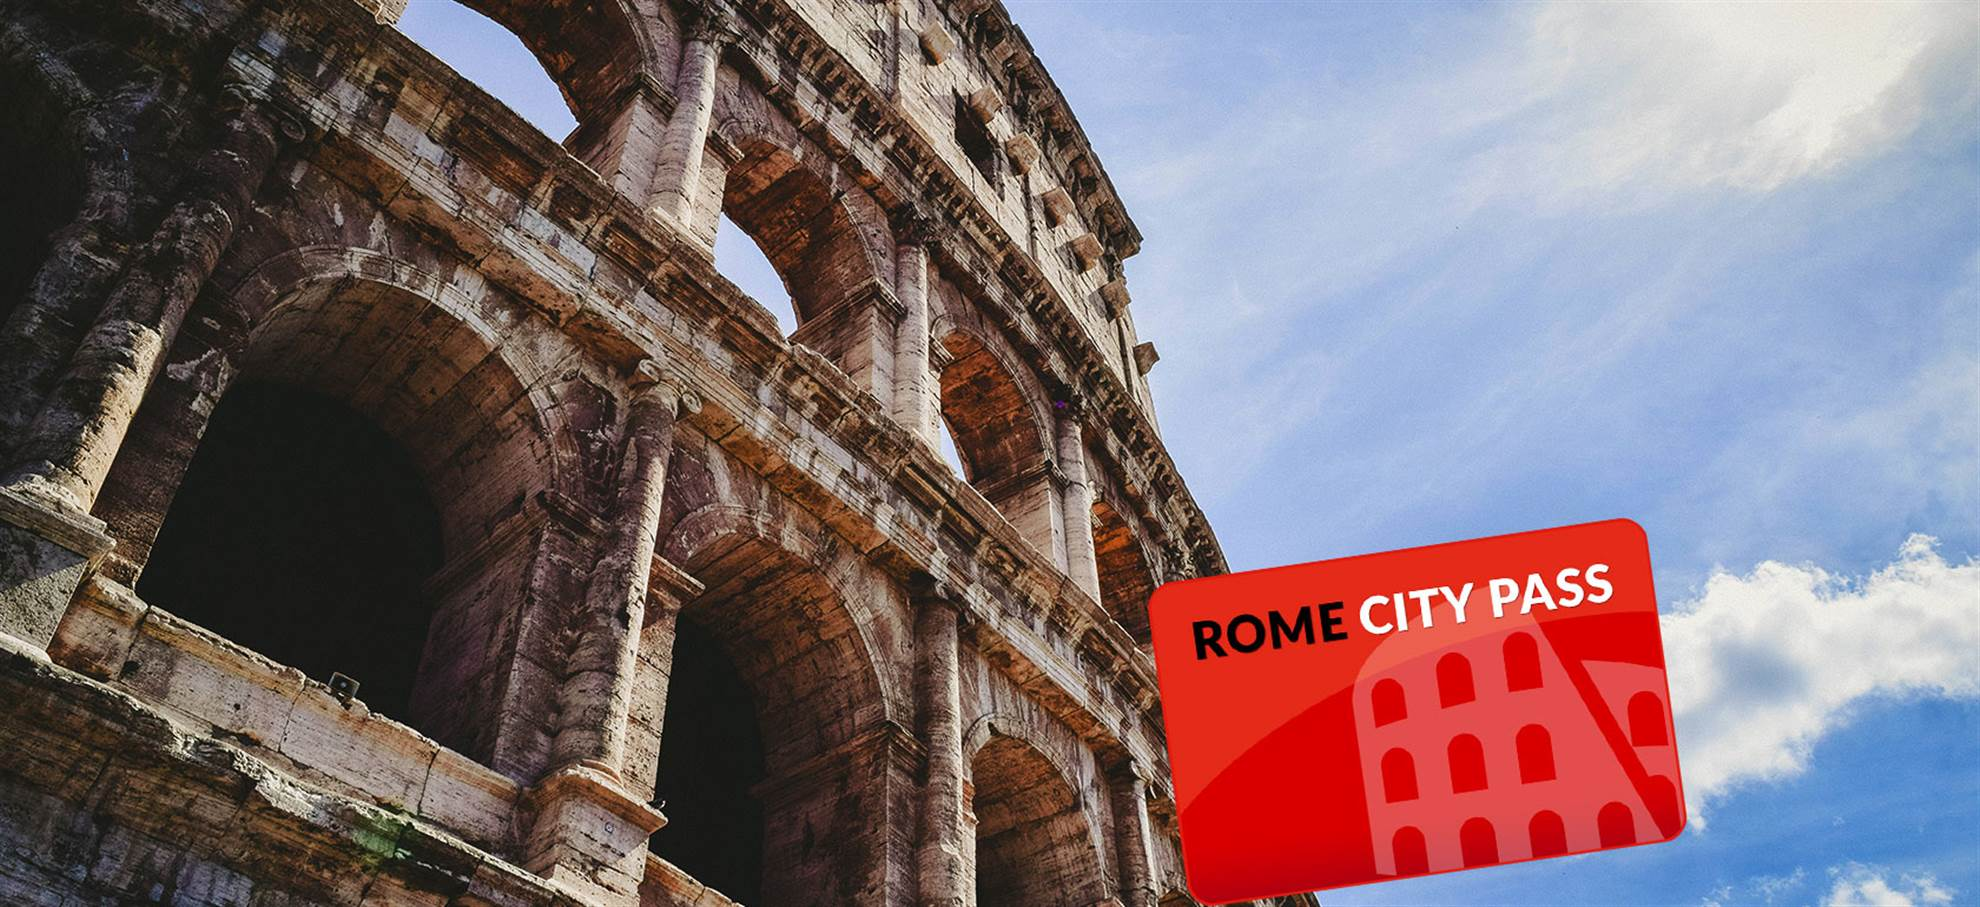 罗马城市一卡通